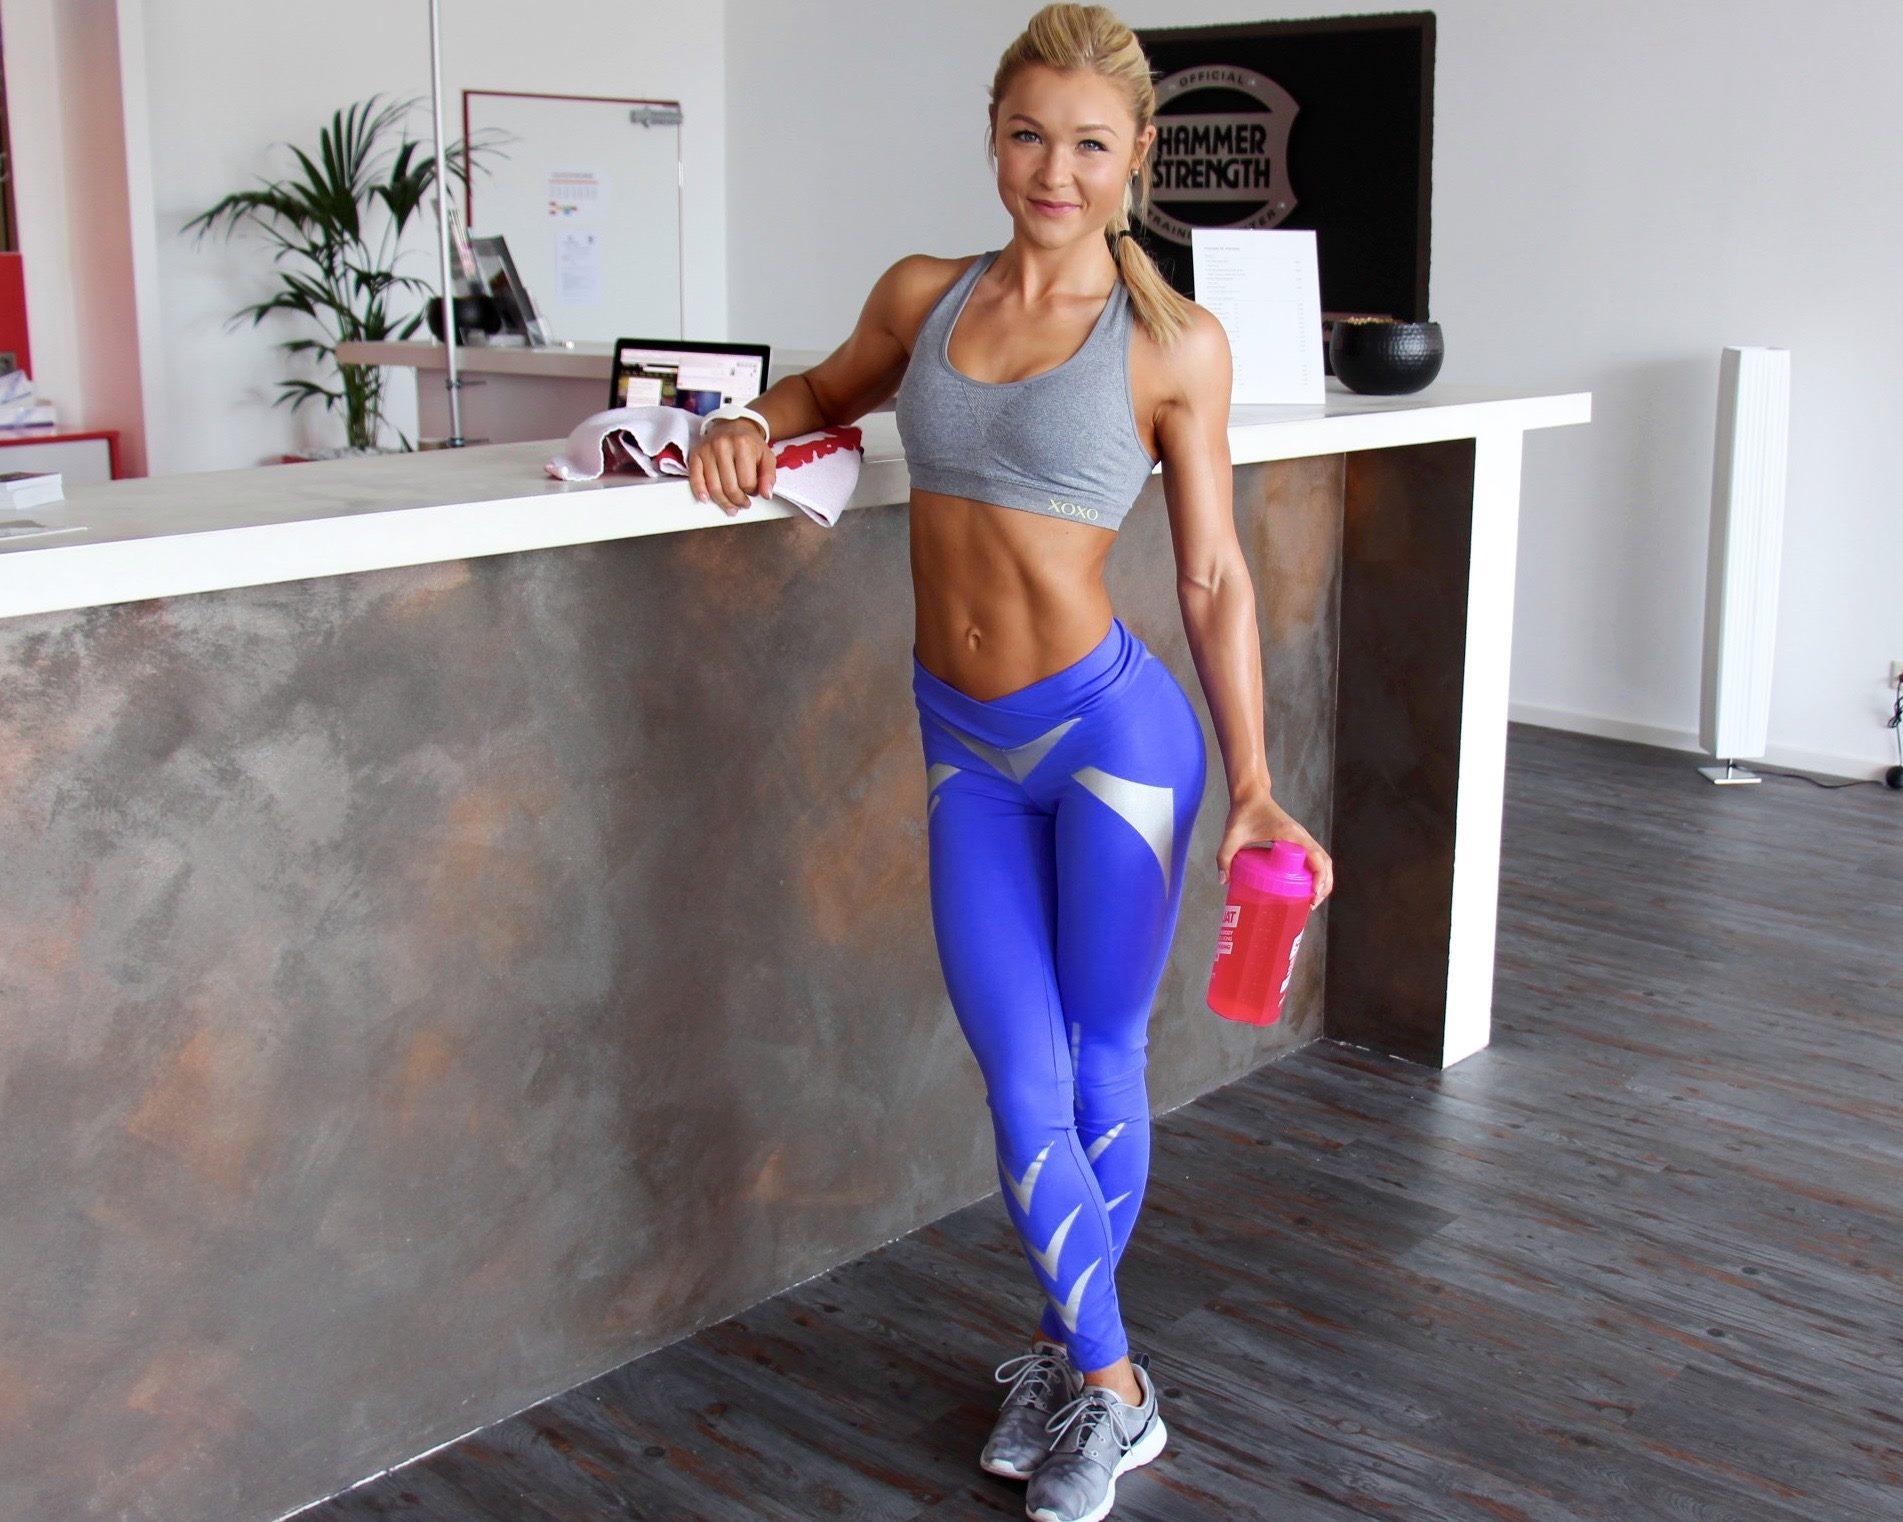 Muskel Fitness Athletin Arsch Zum Mund